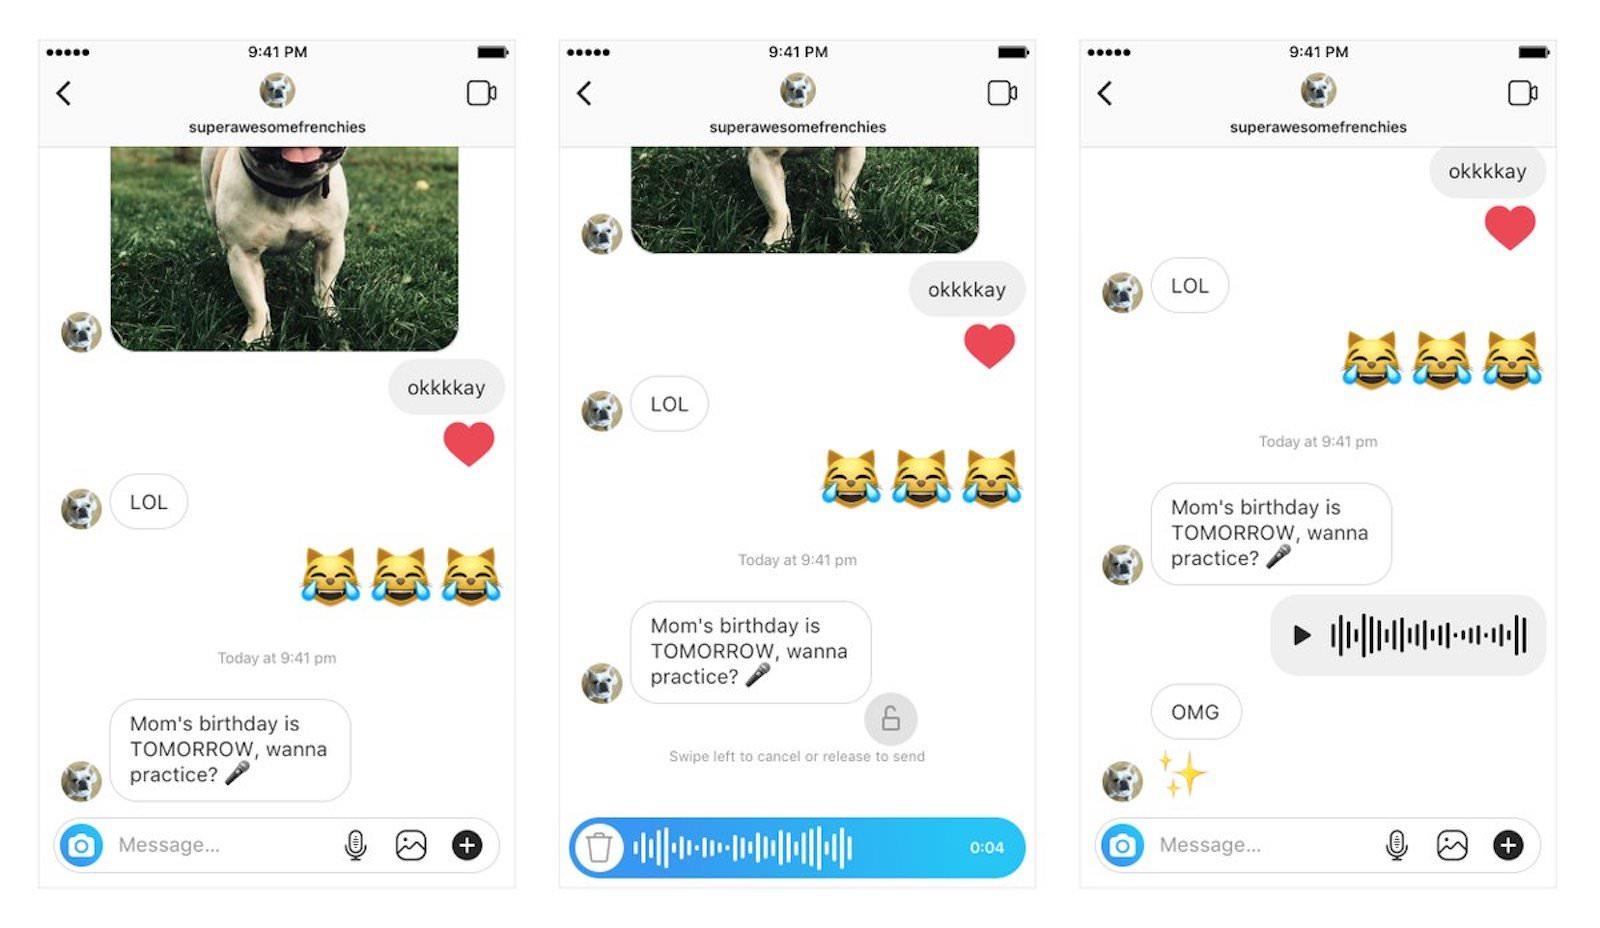 DM-voice-messages-in-instagram.jpg